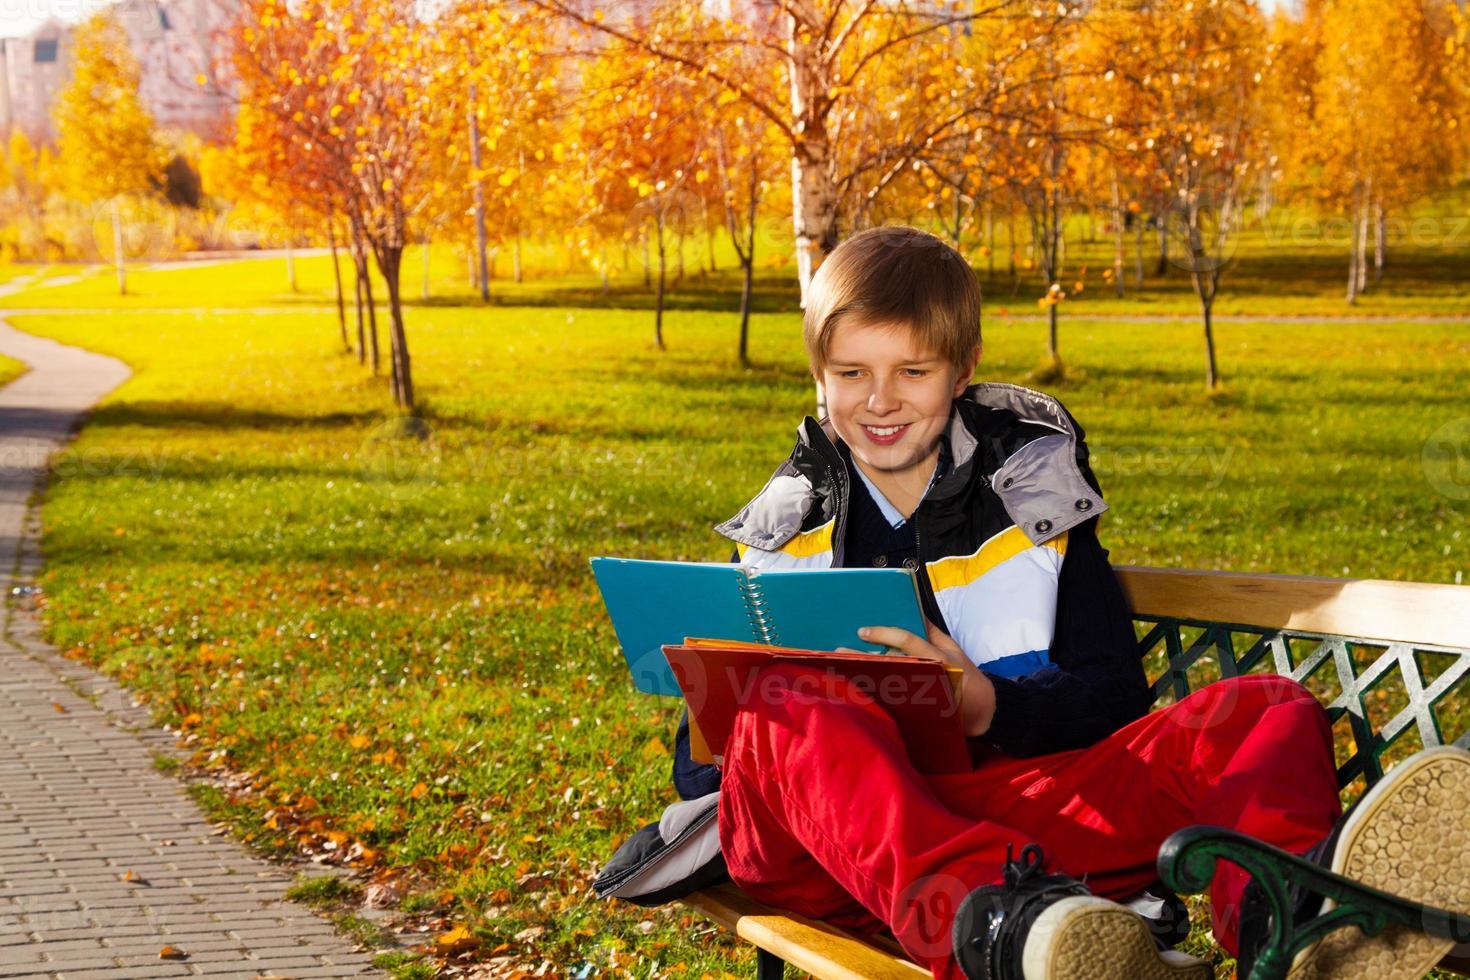 niño sonriente con libro de texto foto